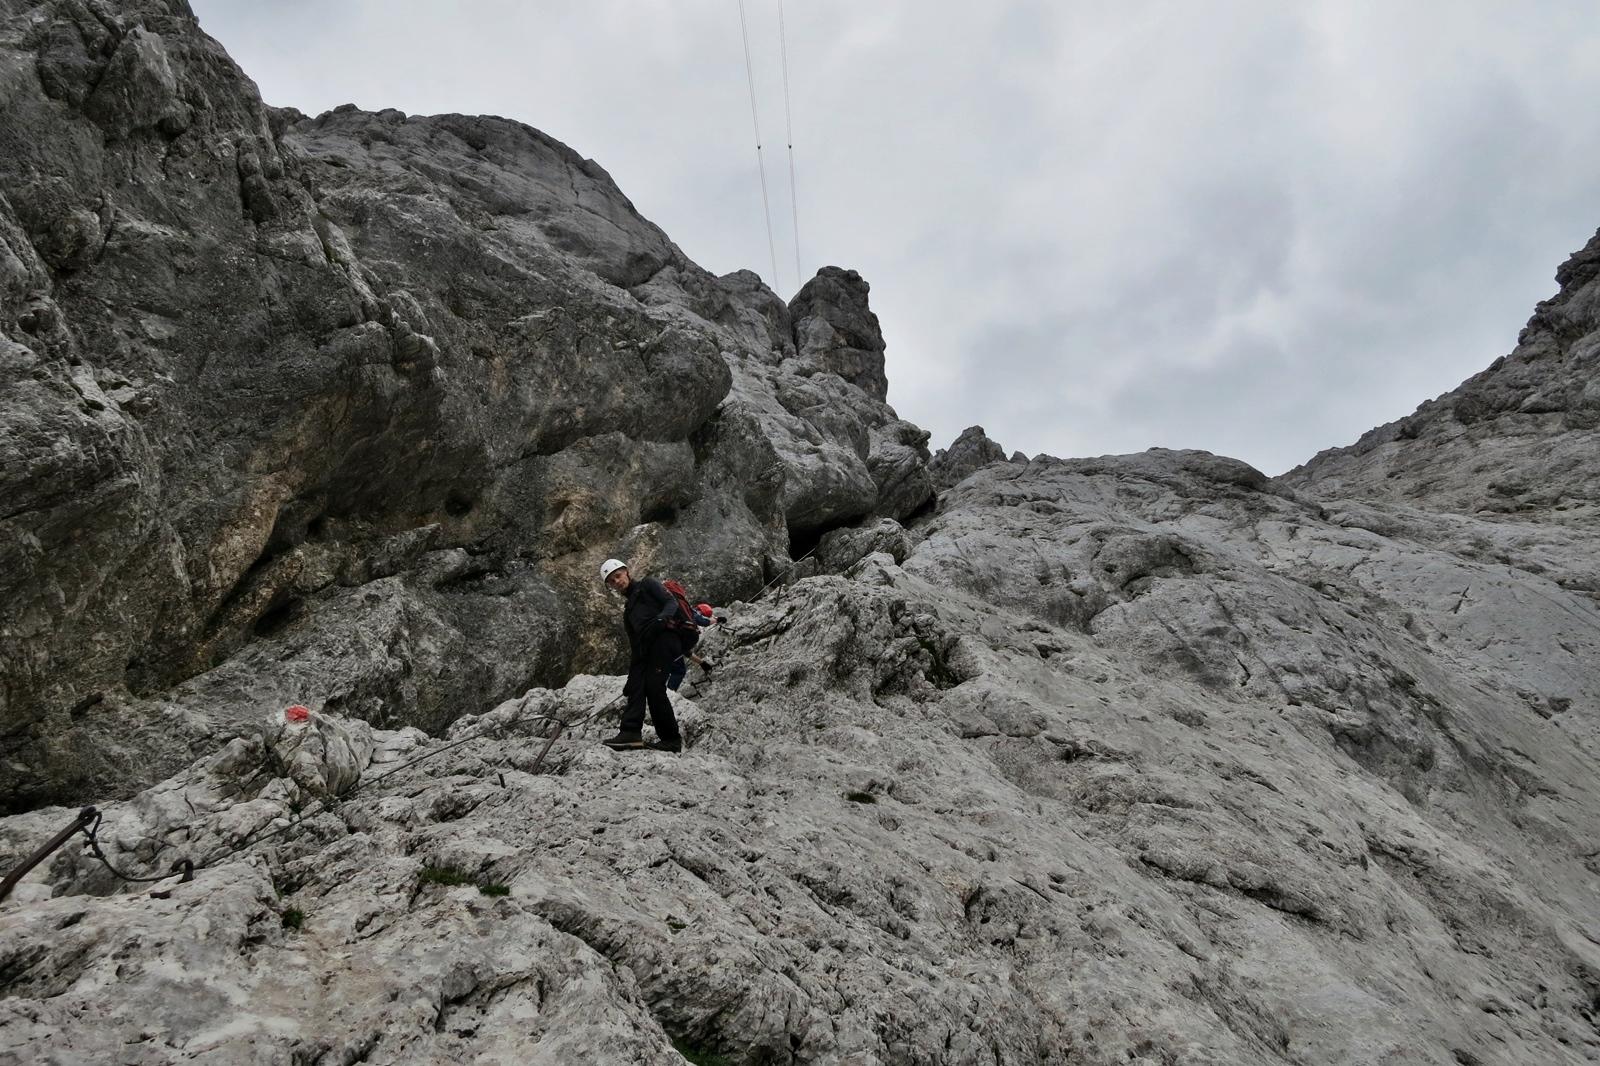 Klettersteig Zugspitze Stopselzieher : Zugspitze via stopselzieher leichter klettersteig